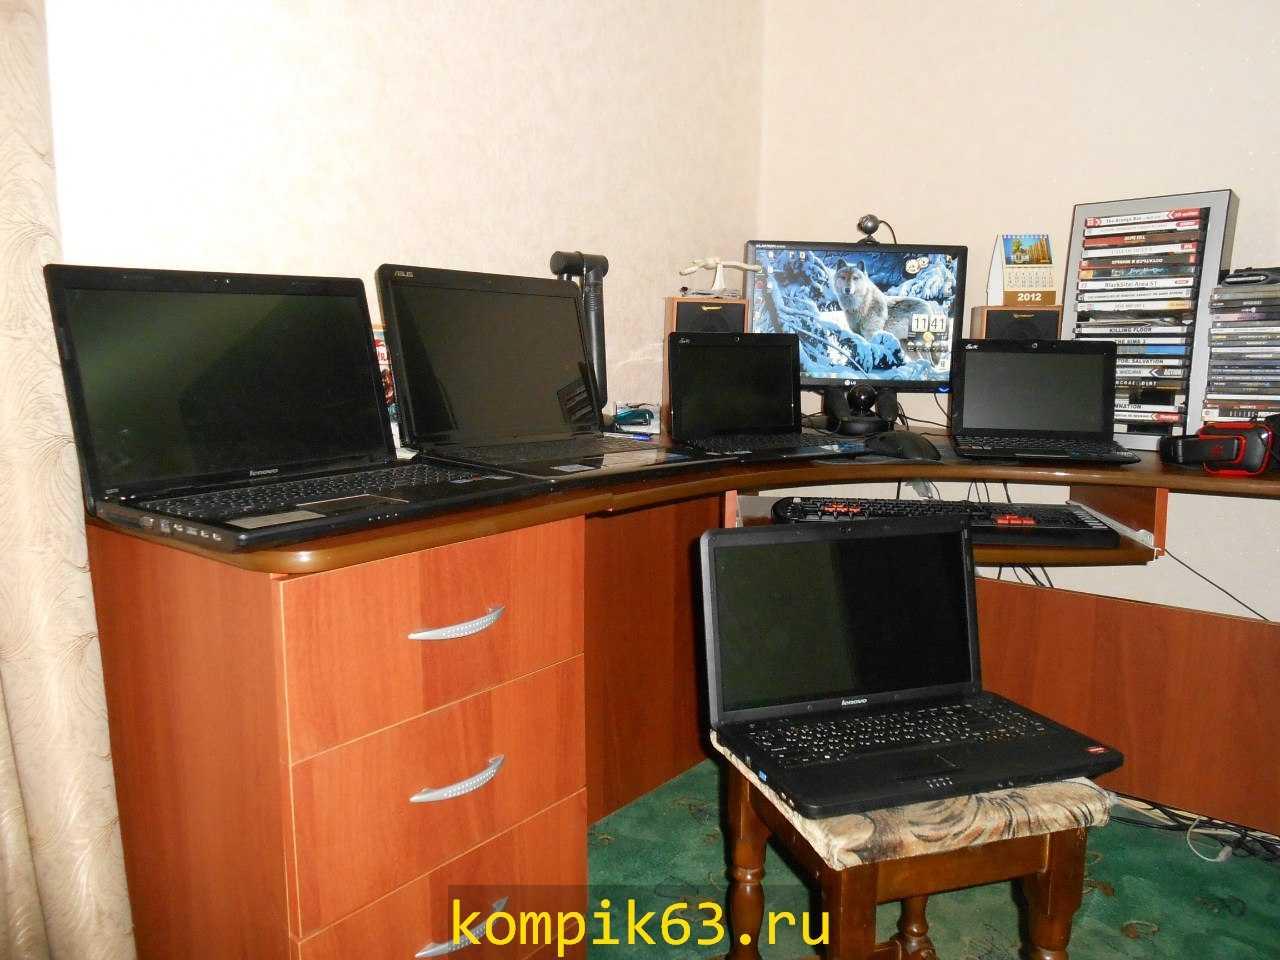 kompik63.ru-183